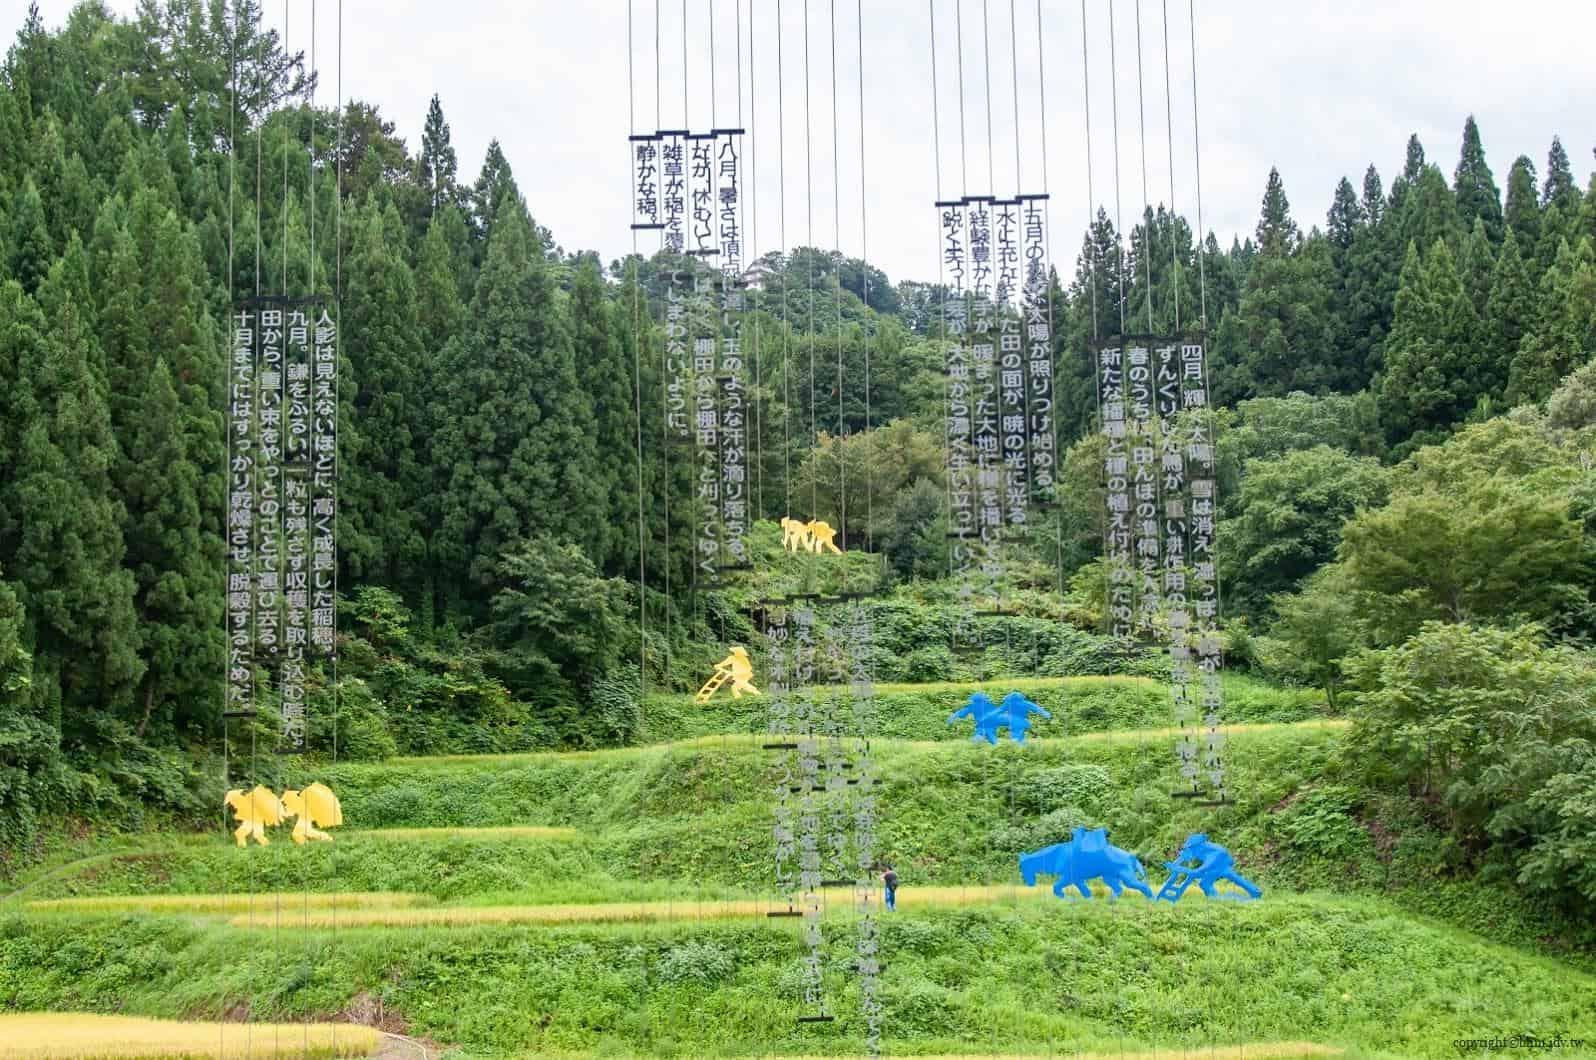 Ilya & Emilia Kabakov,梯田/棚田 藝術指標空間 藝術指標空間 tsumari in bloom the rice field 02